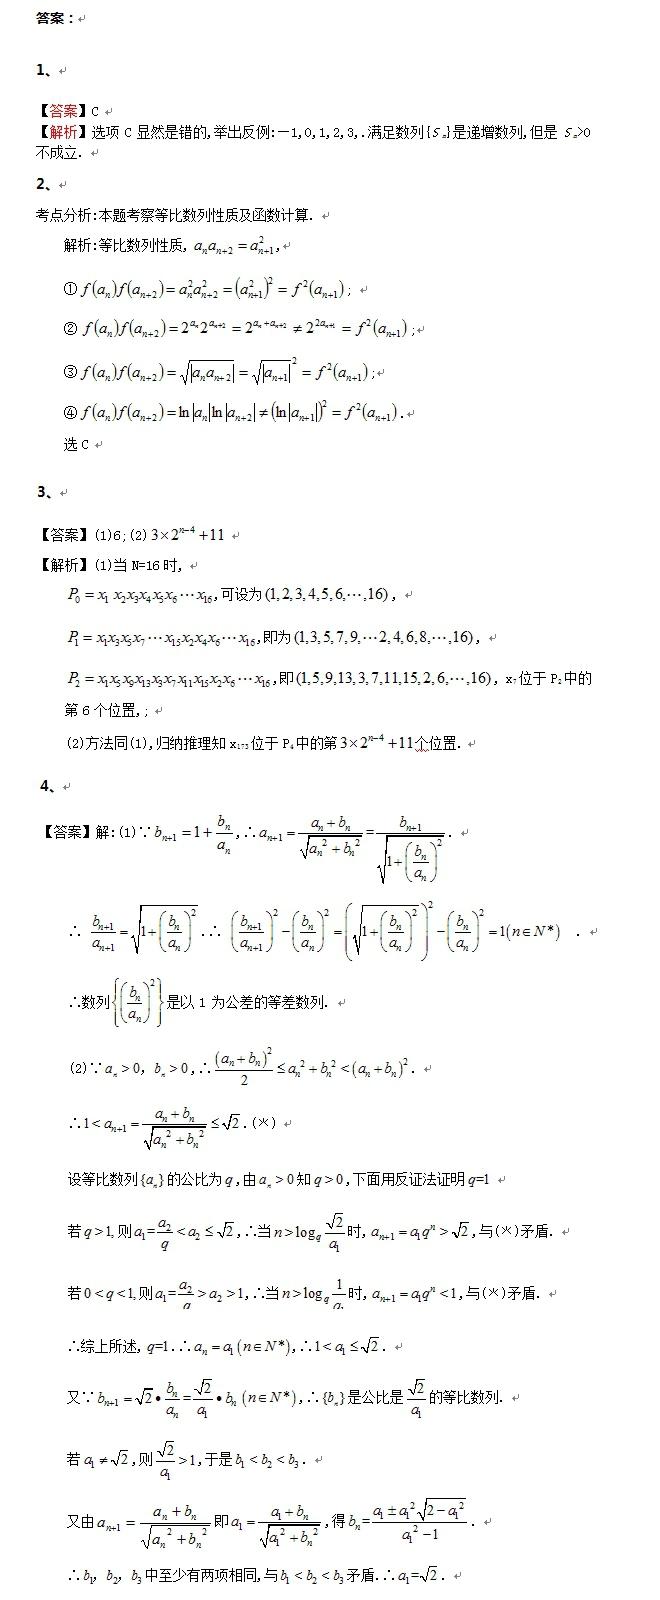 高三答案3-7.jpg